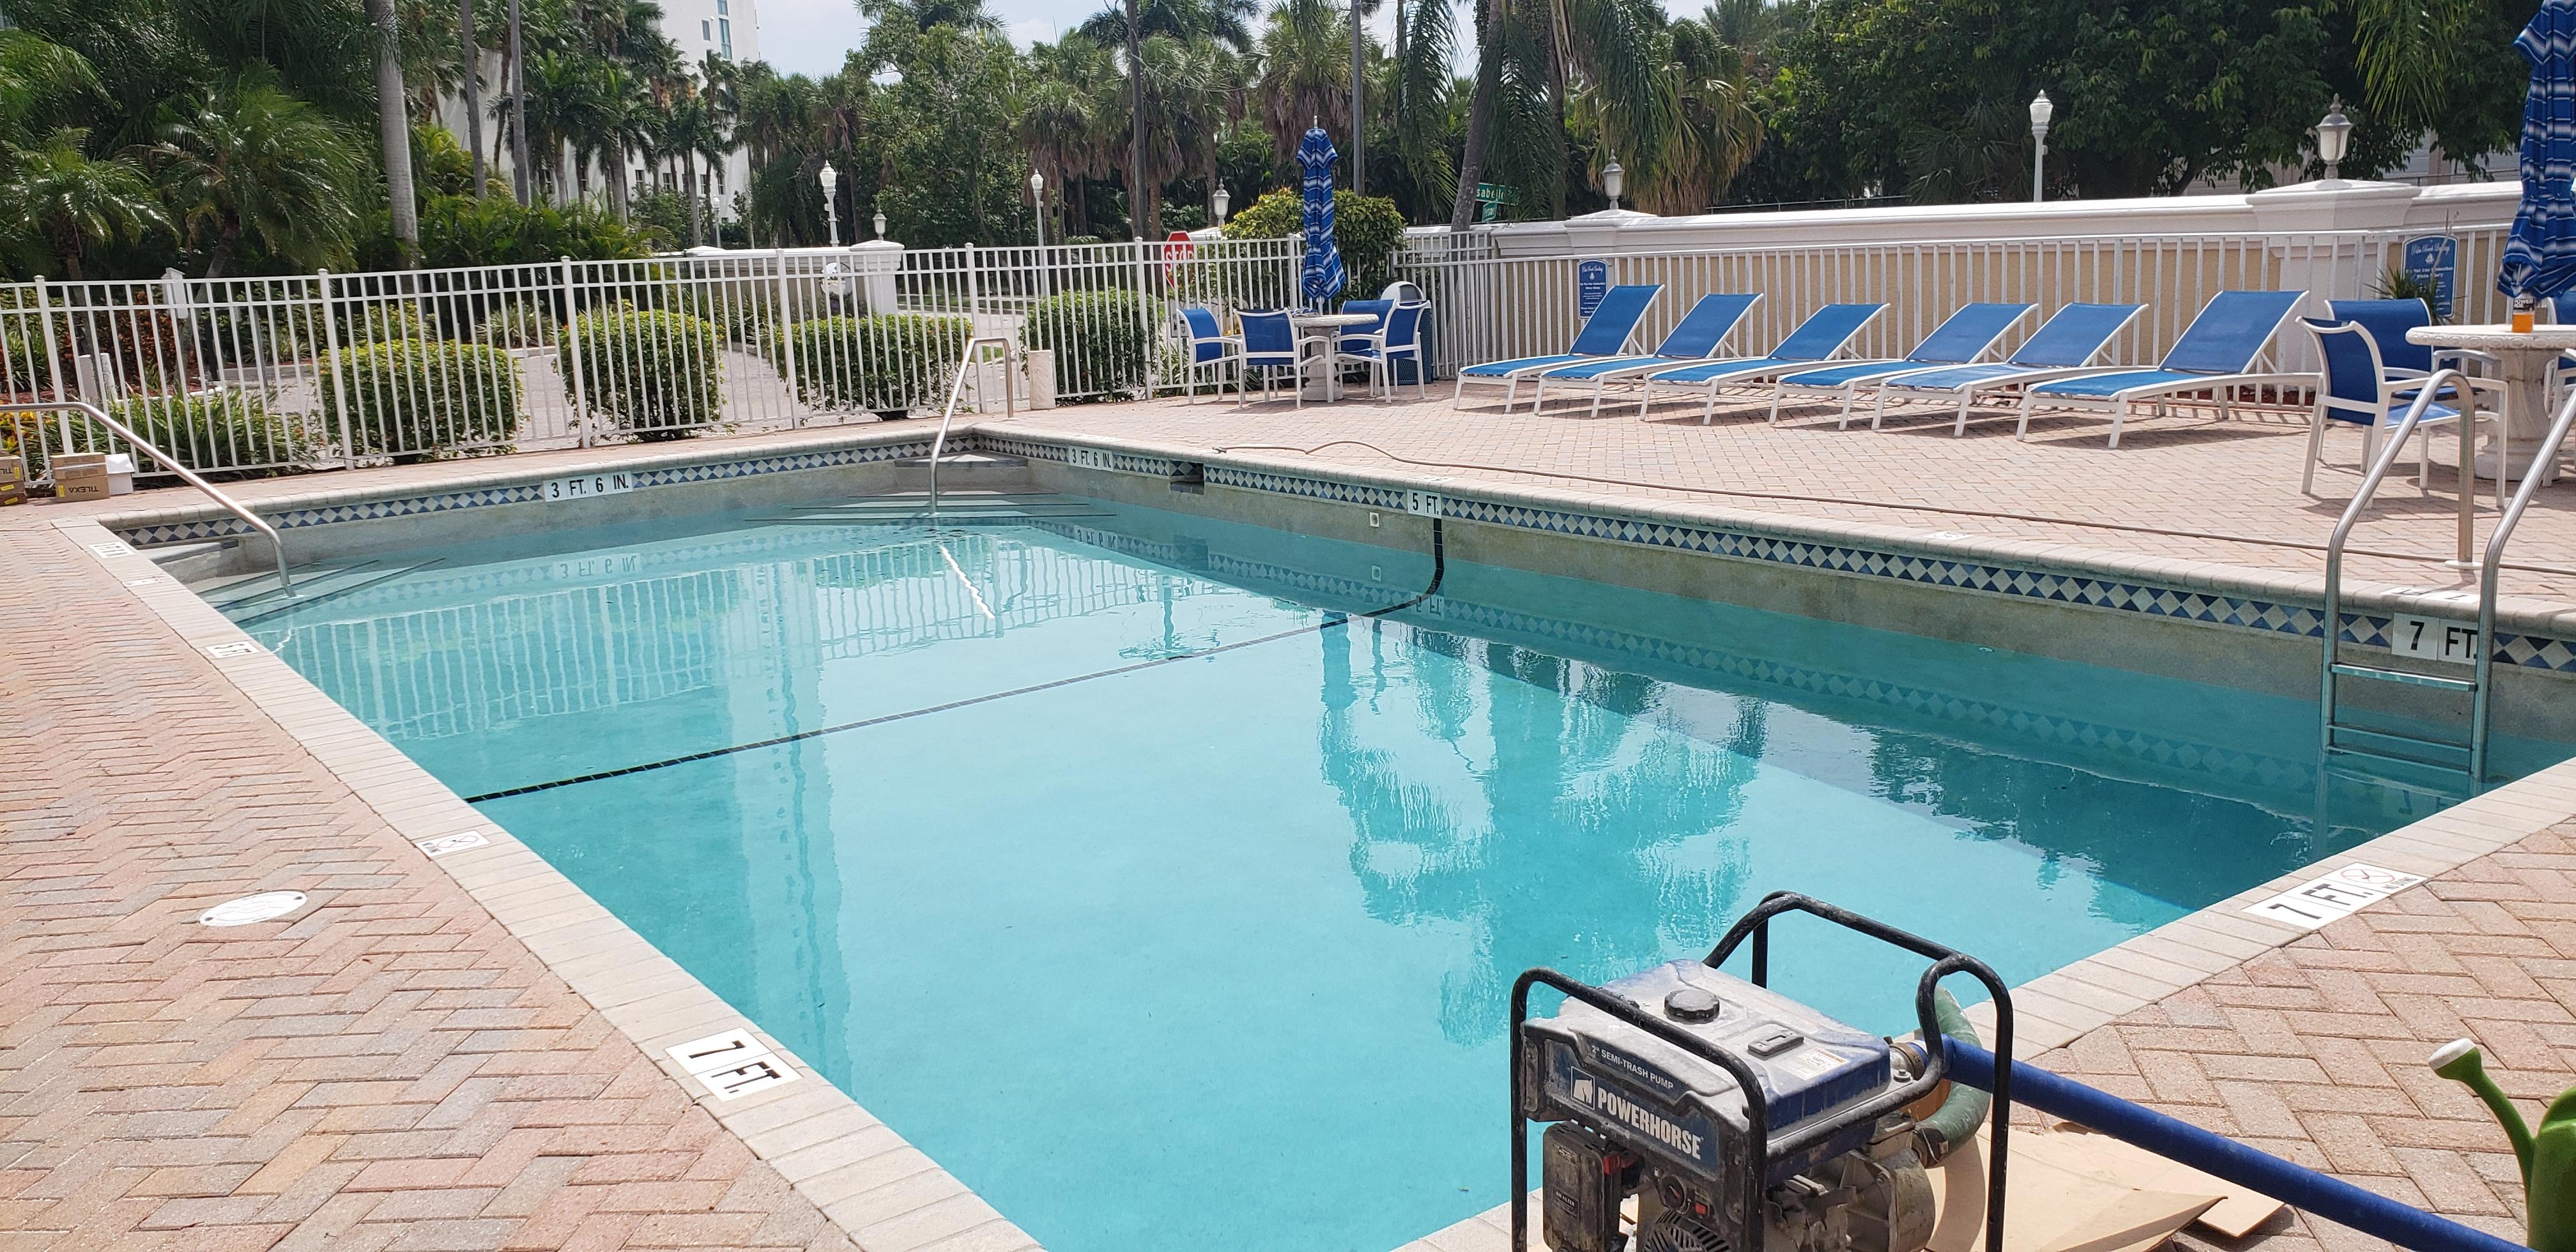 2019-07-08 Pool Resurfacings (6)